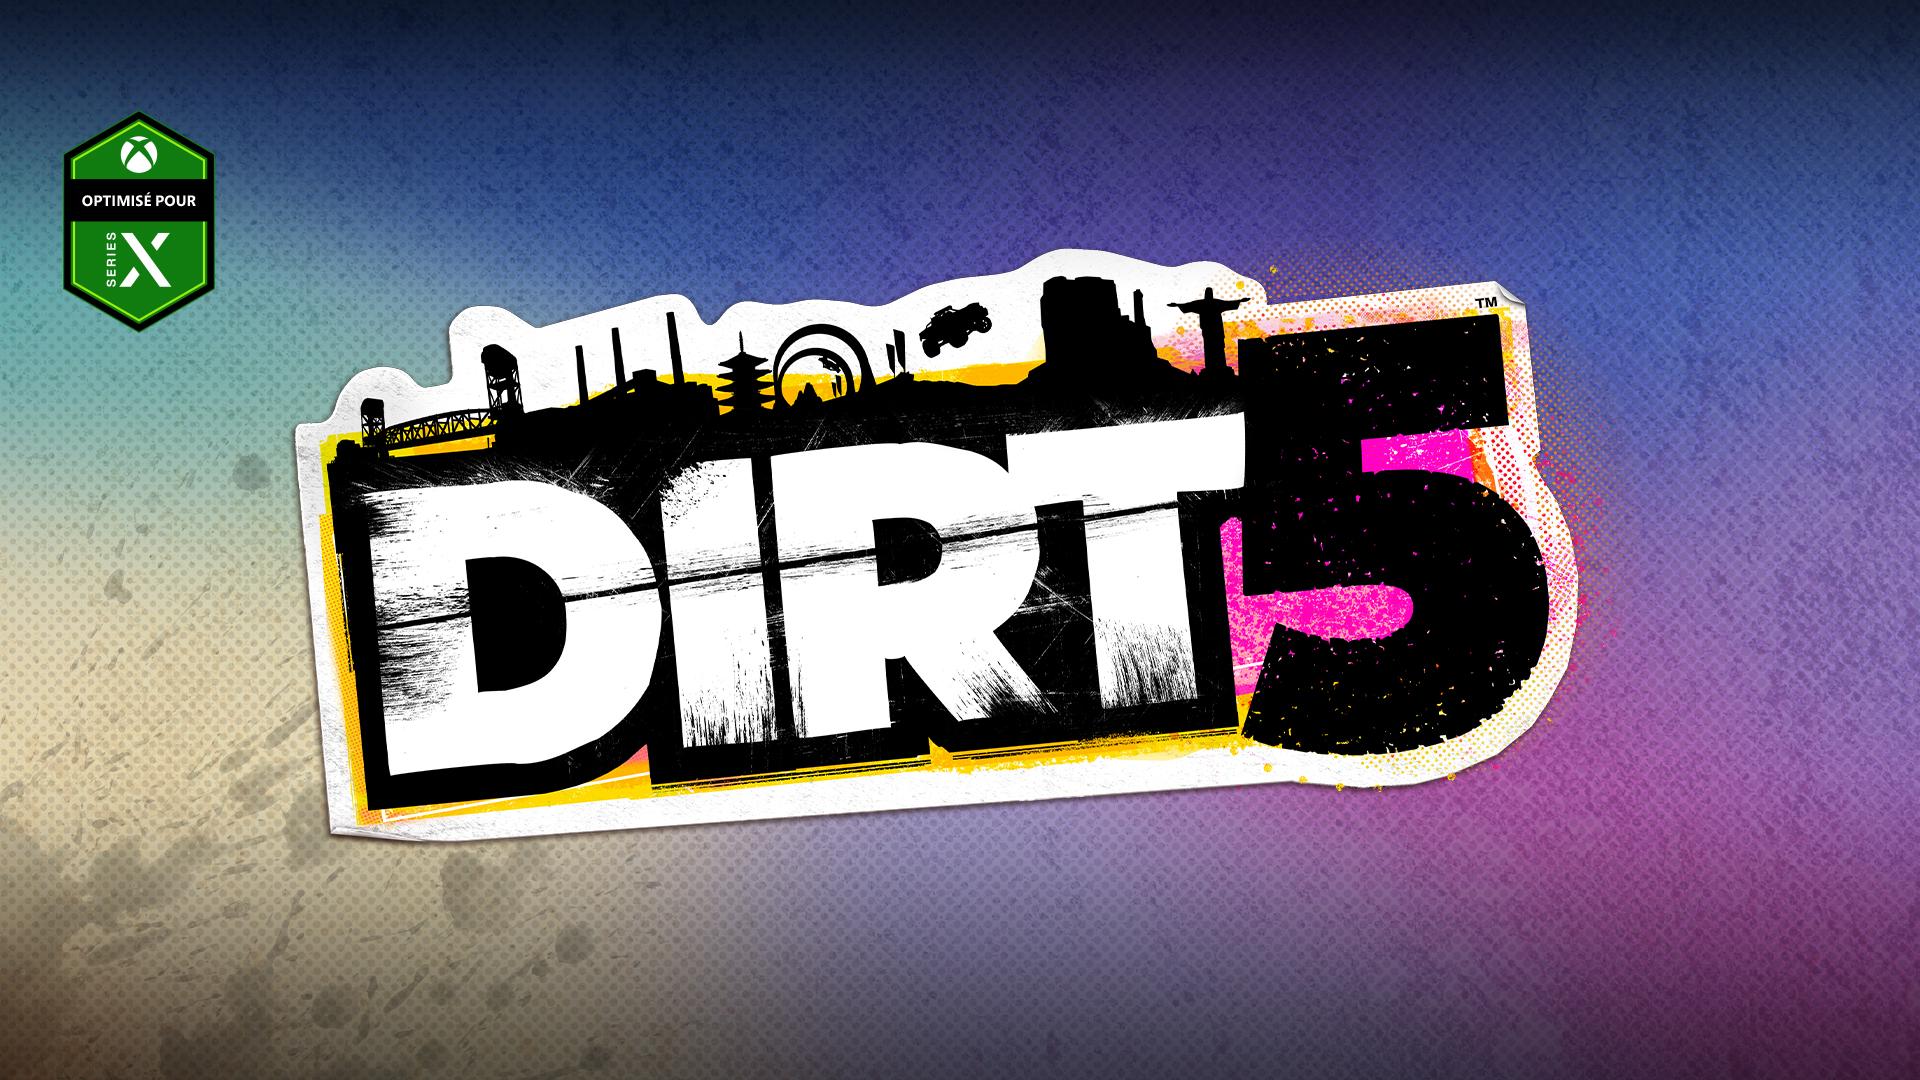 Logo Optimisé pour XboxSeriesX, logo DIRT5 sur un fond coloré